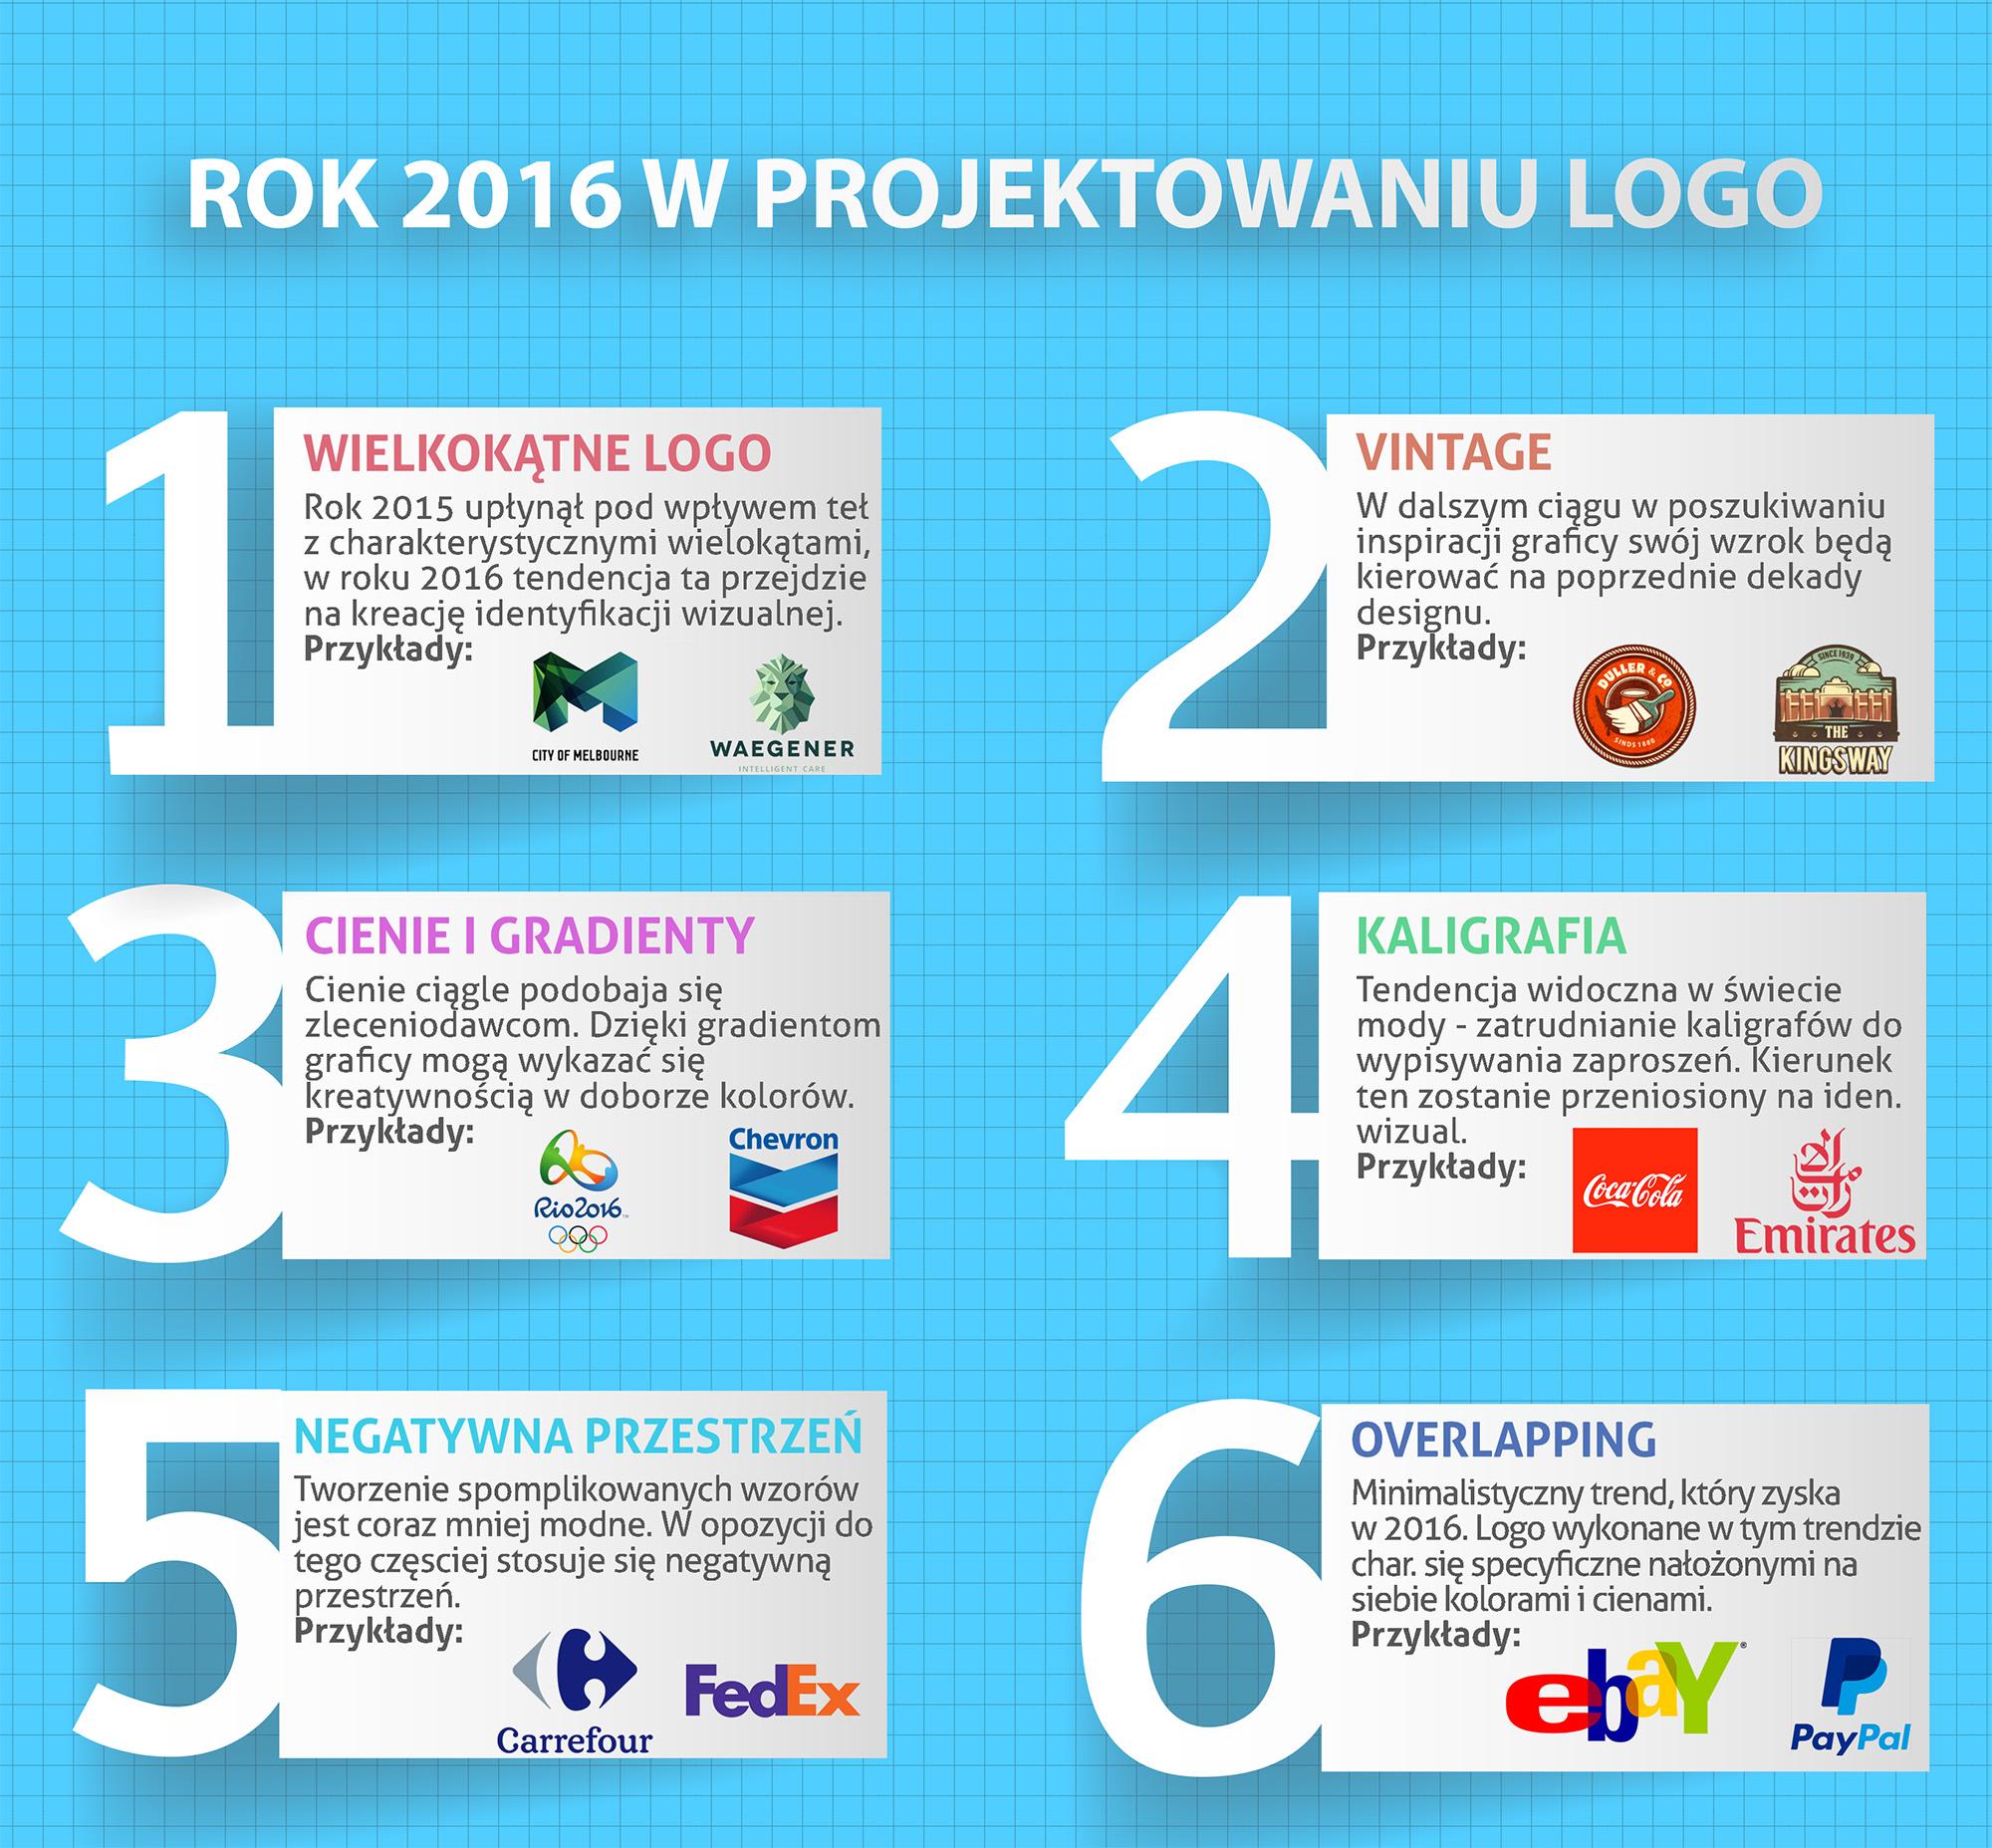 Rok 2016 w projektowaniu logo